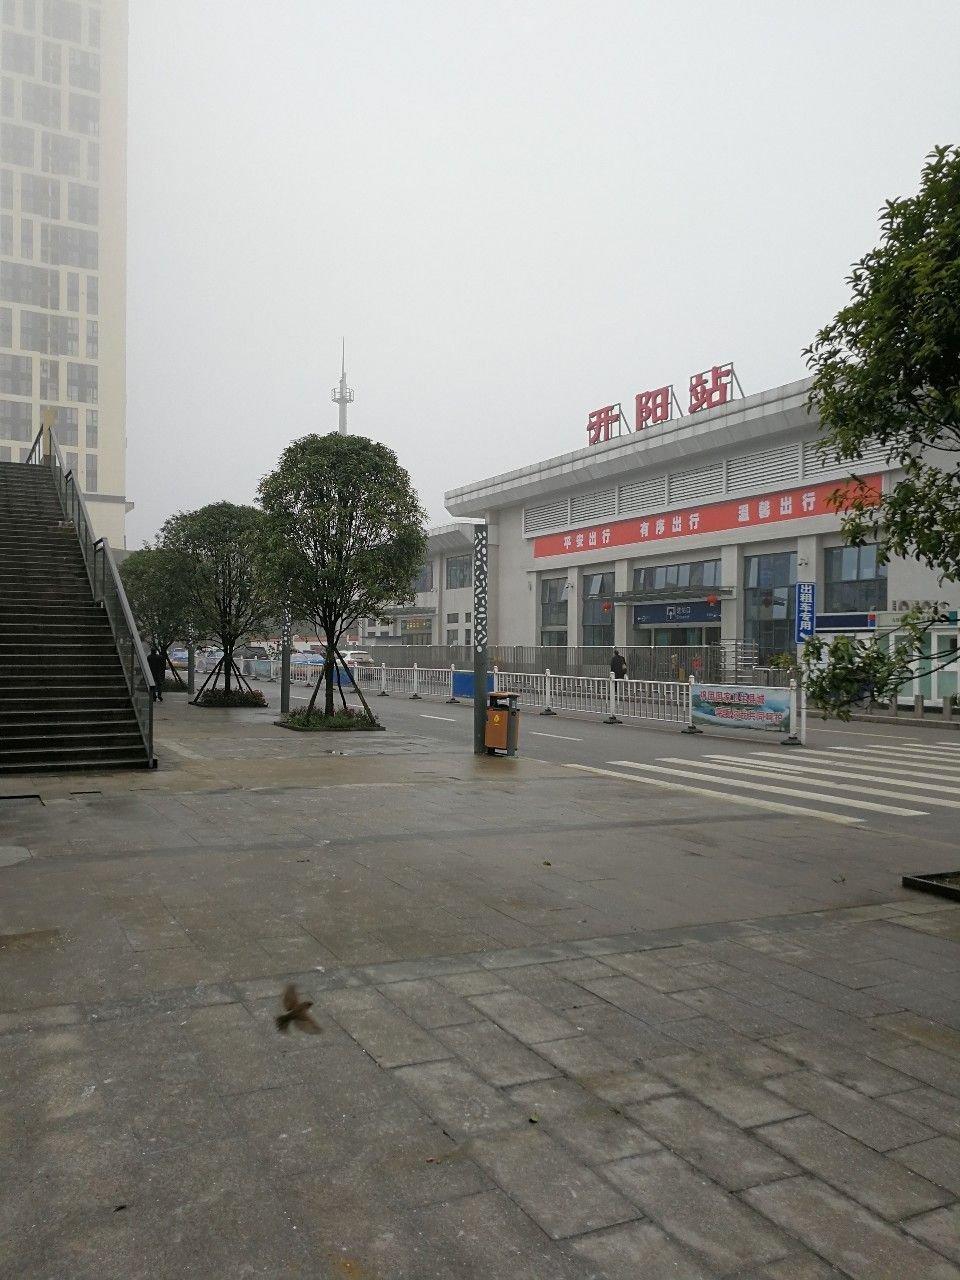 【开阳县汽车客运站】开阳县汽车客运站电话,地址,... - 图吧行业